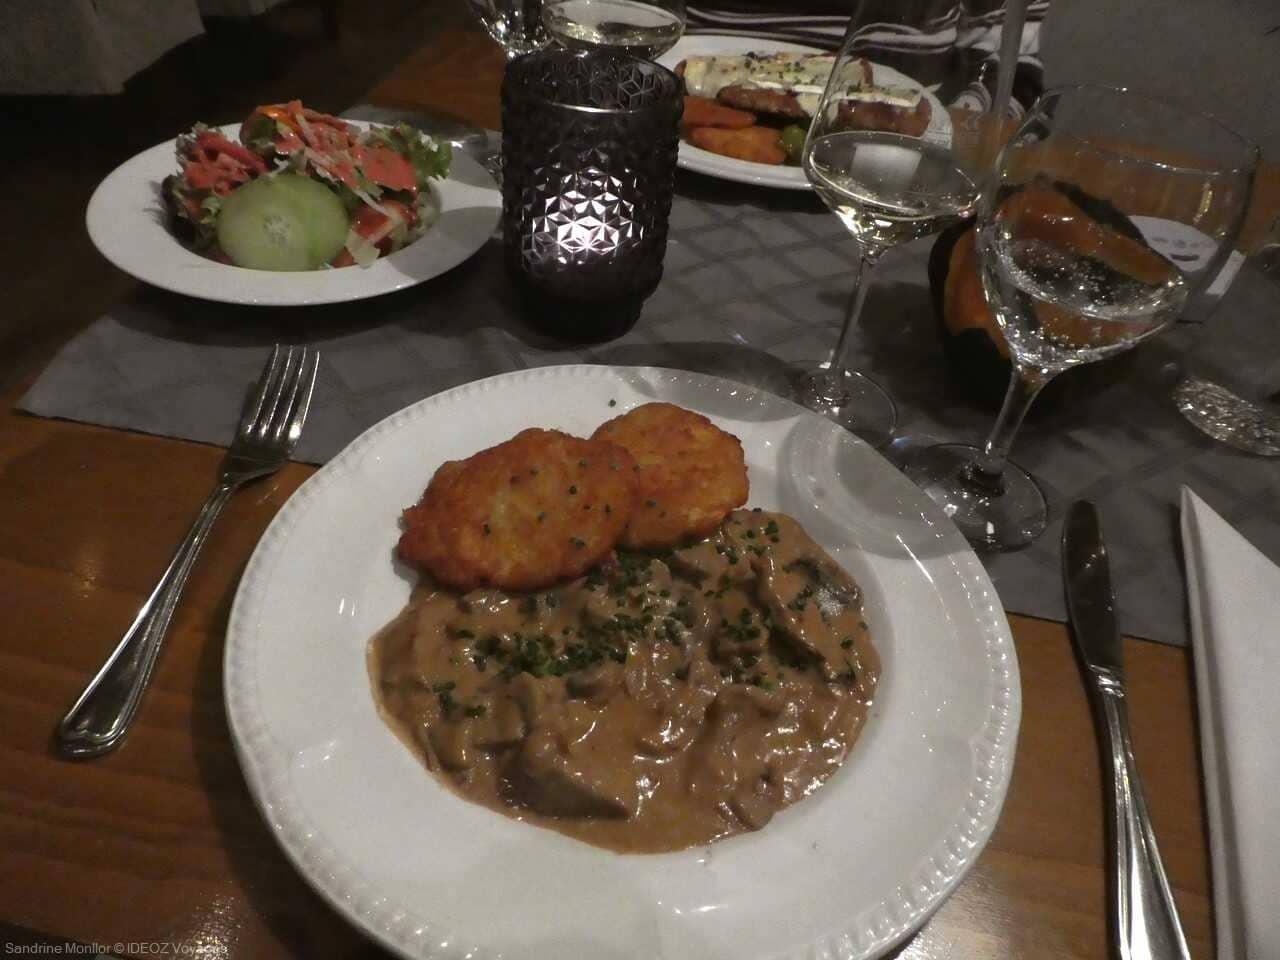 Zürcher Geschnetzeltes escalope à la zurichoise au restaurant de l'hotel Domizil residenz à Ingolstadt